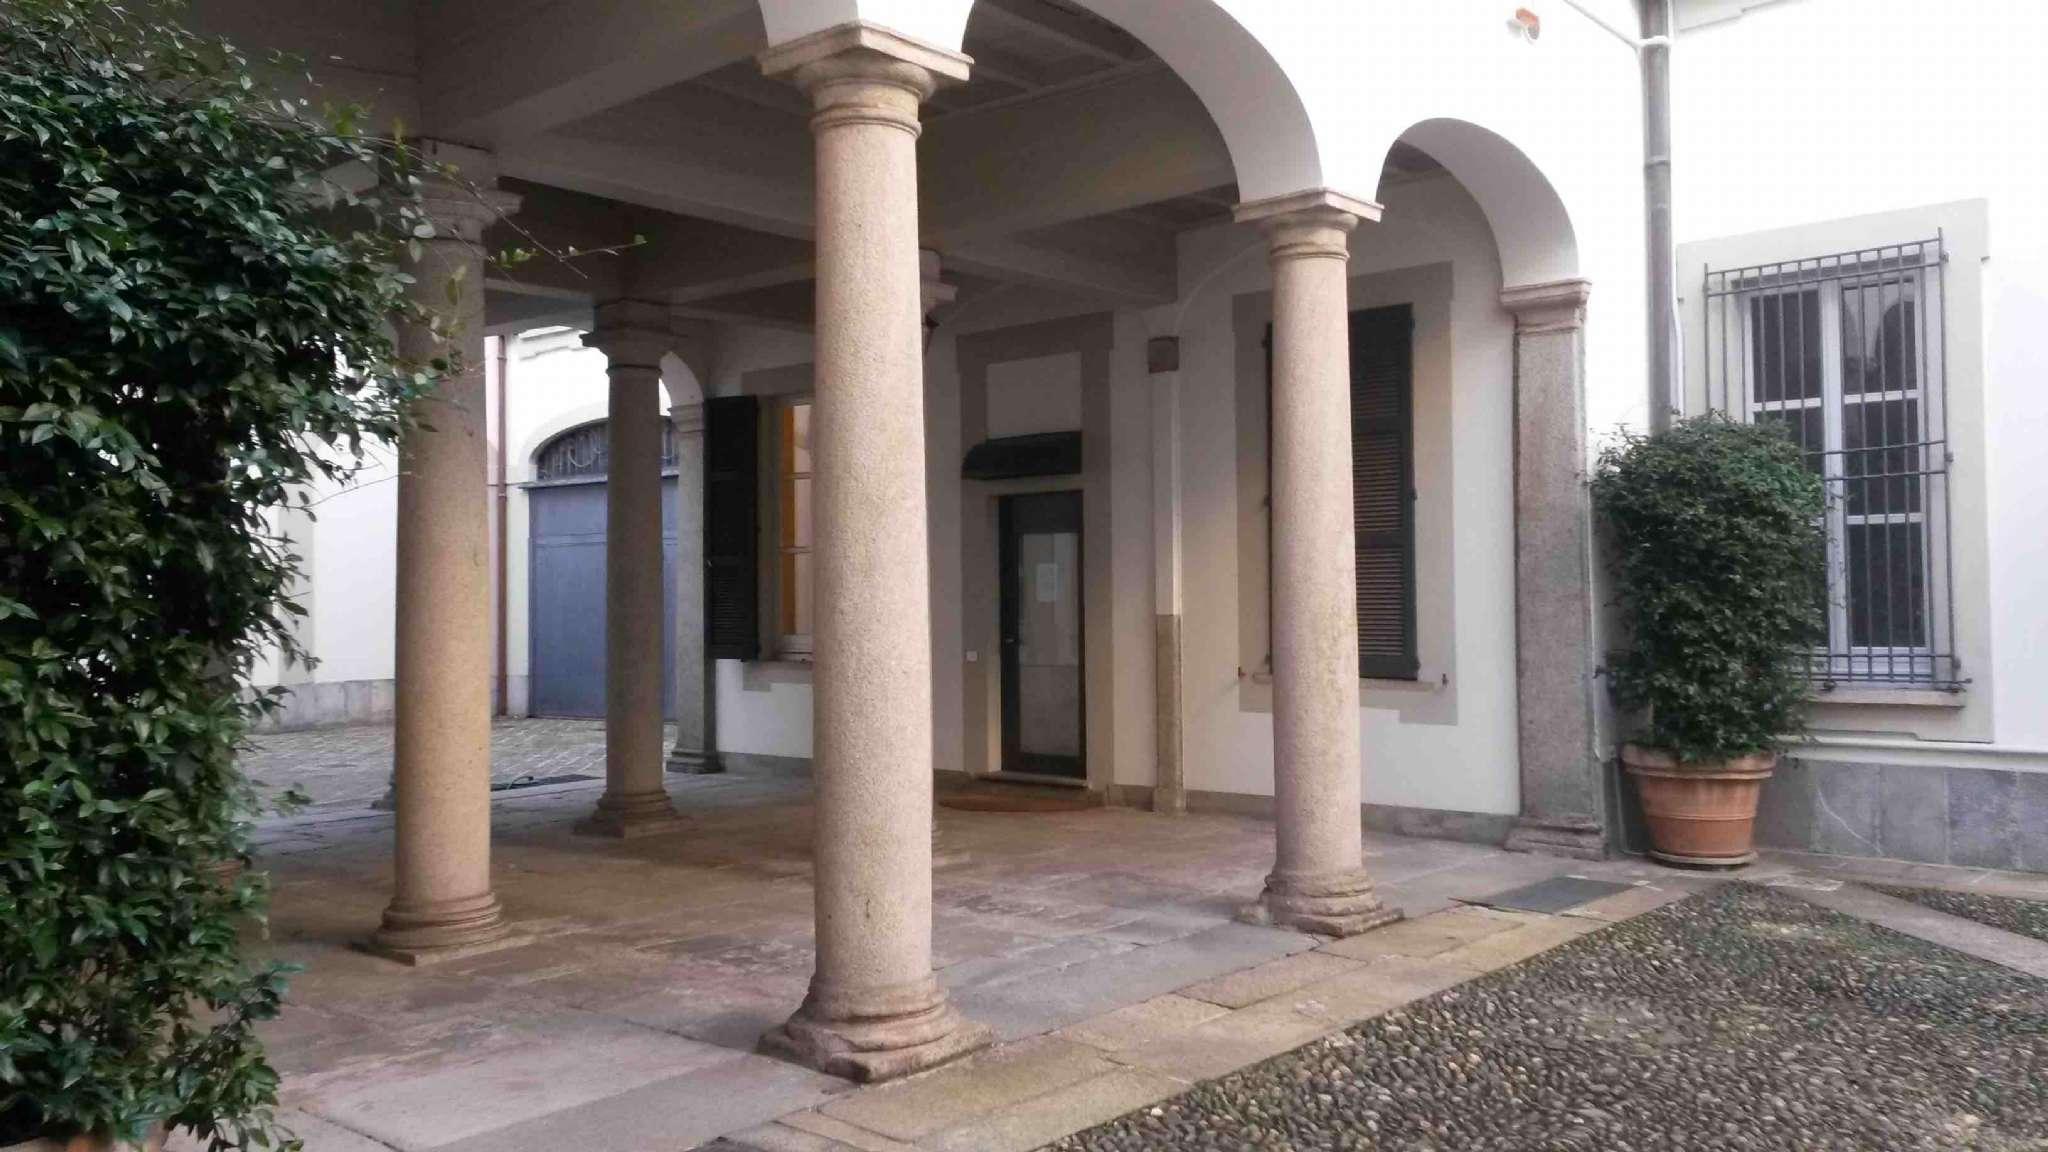 Appartamento in affitto a Milano, 2 locali, zona Zona: 1 . Centro Storico, Duomo, Brera, Cadorna, Cattolica, prezzo € 1.250 | Cambio Casa.it